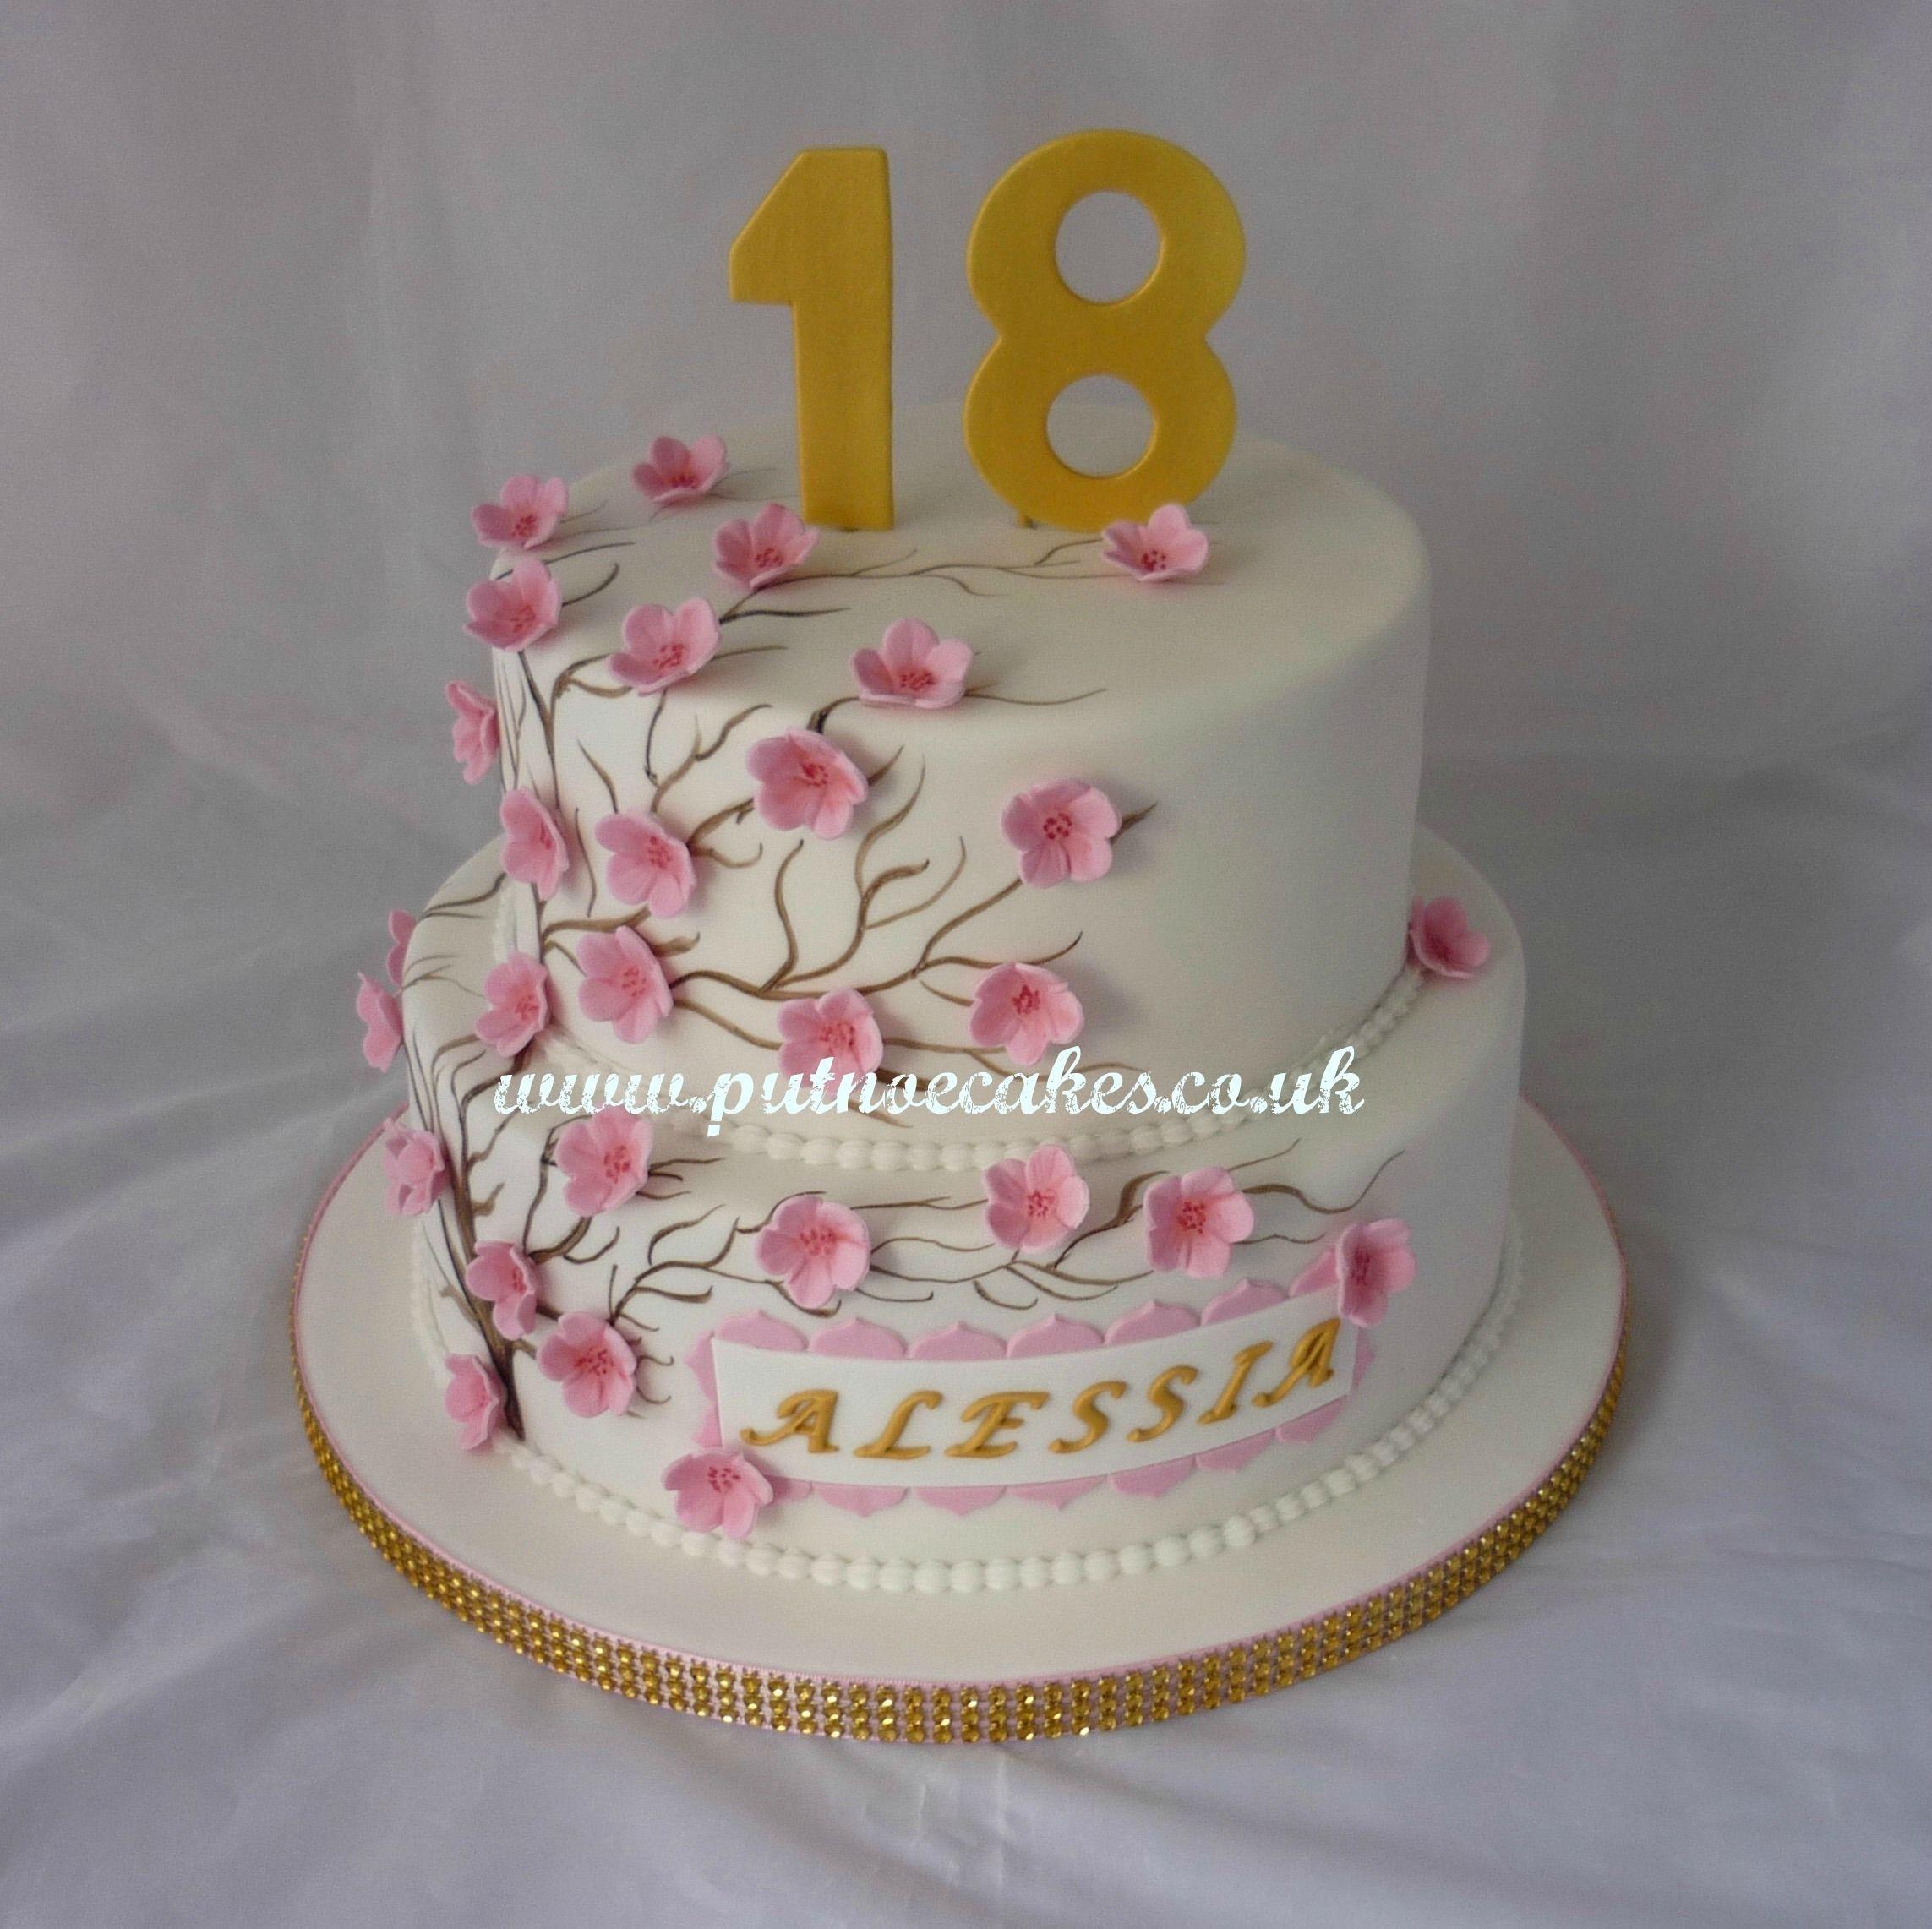 30 Awesome Photo Of 2 Tier Birthday Cakes Birijus Com Tiered Cakes Birthday 2 Tier Birthday Cakes 21st Birthday Cakes